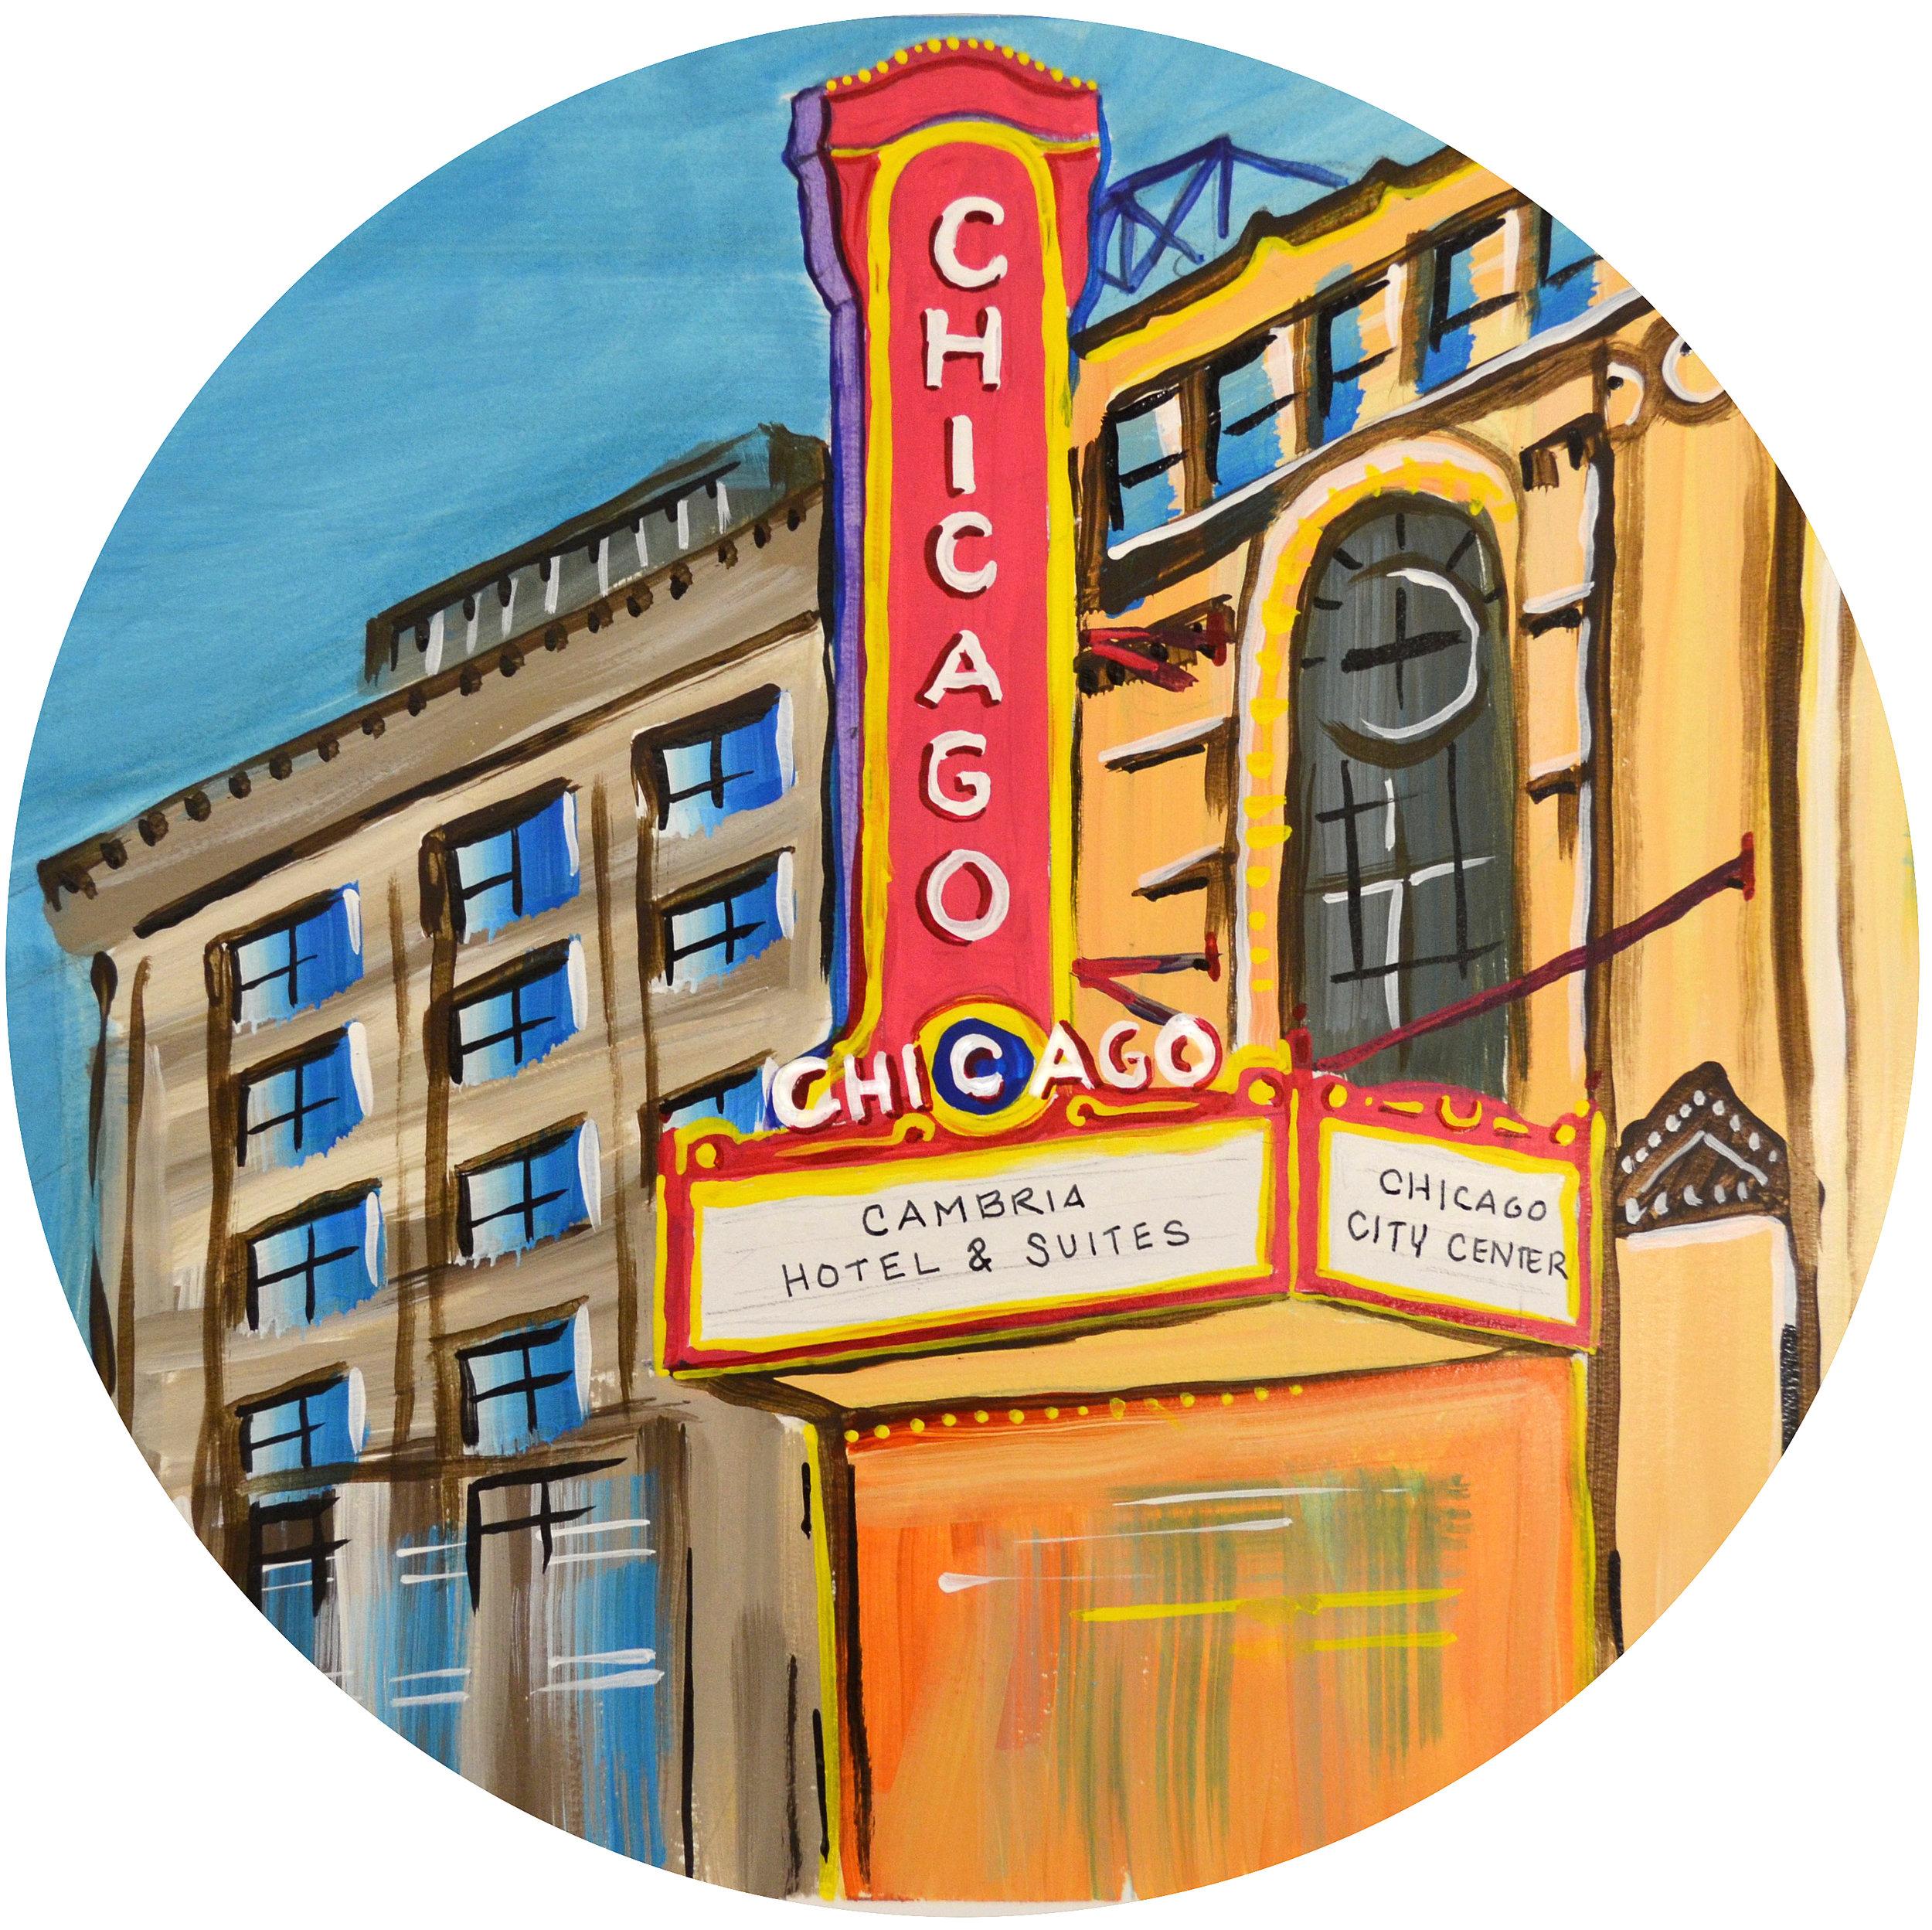 City Center | Chicago, IL